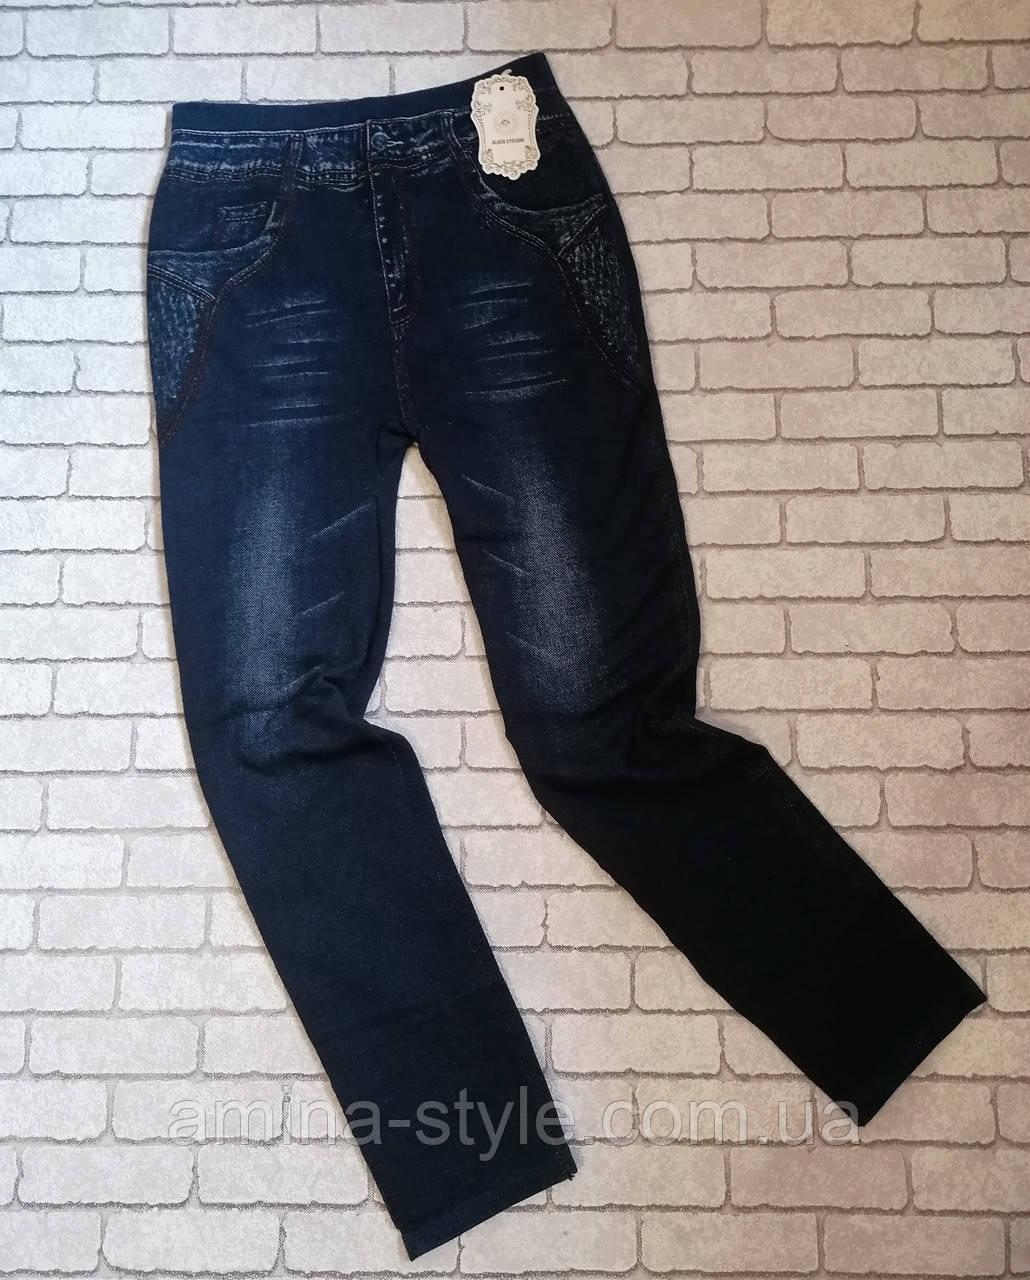 Лосины женские  под джинс на меху УТЕПЛЕННЫЕ, батал 52-58 размер